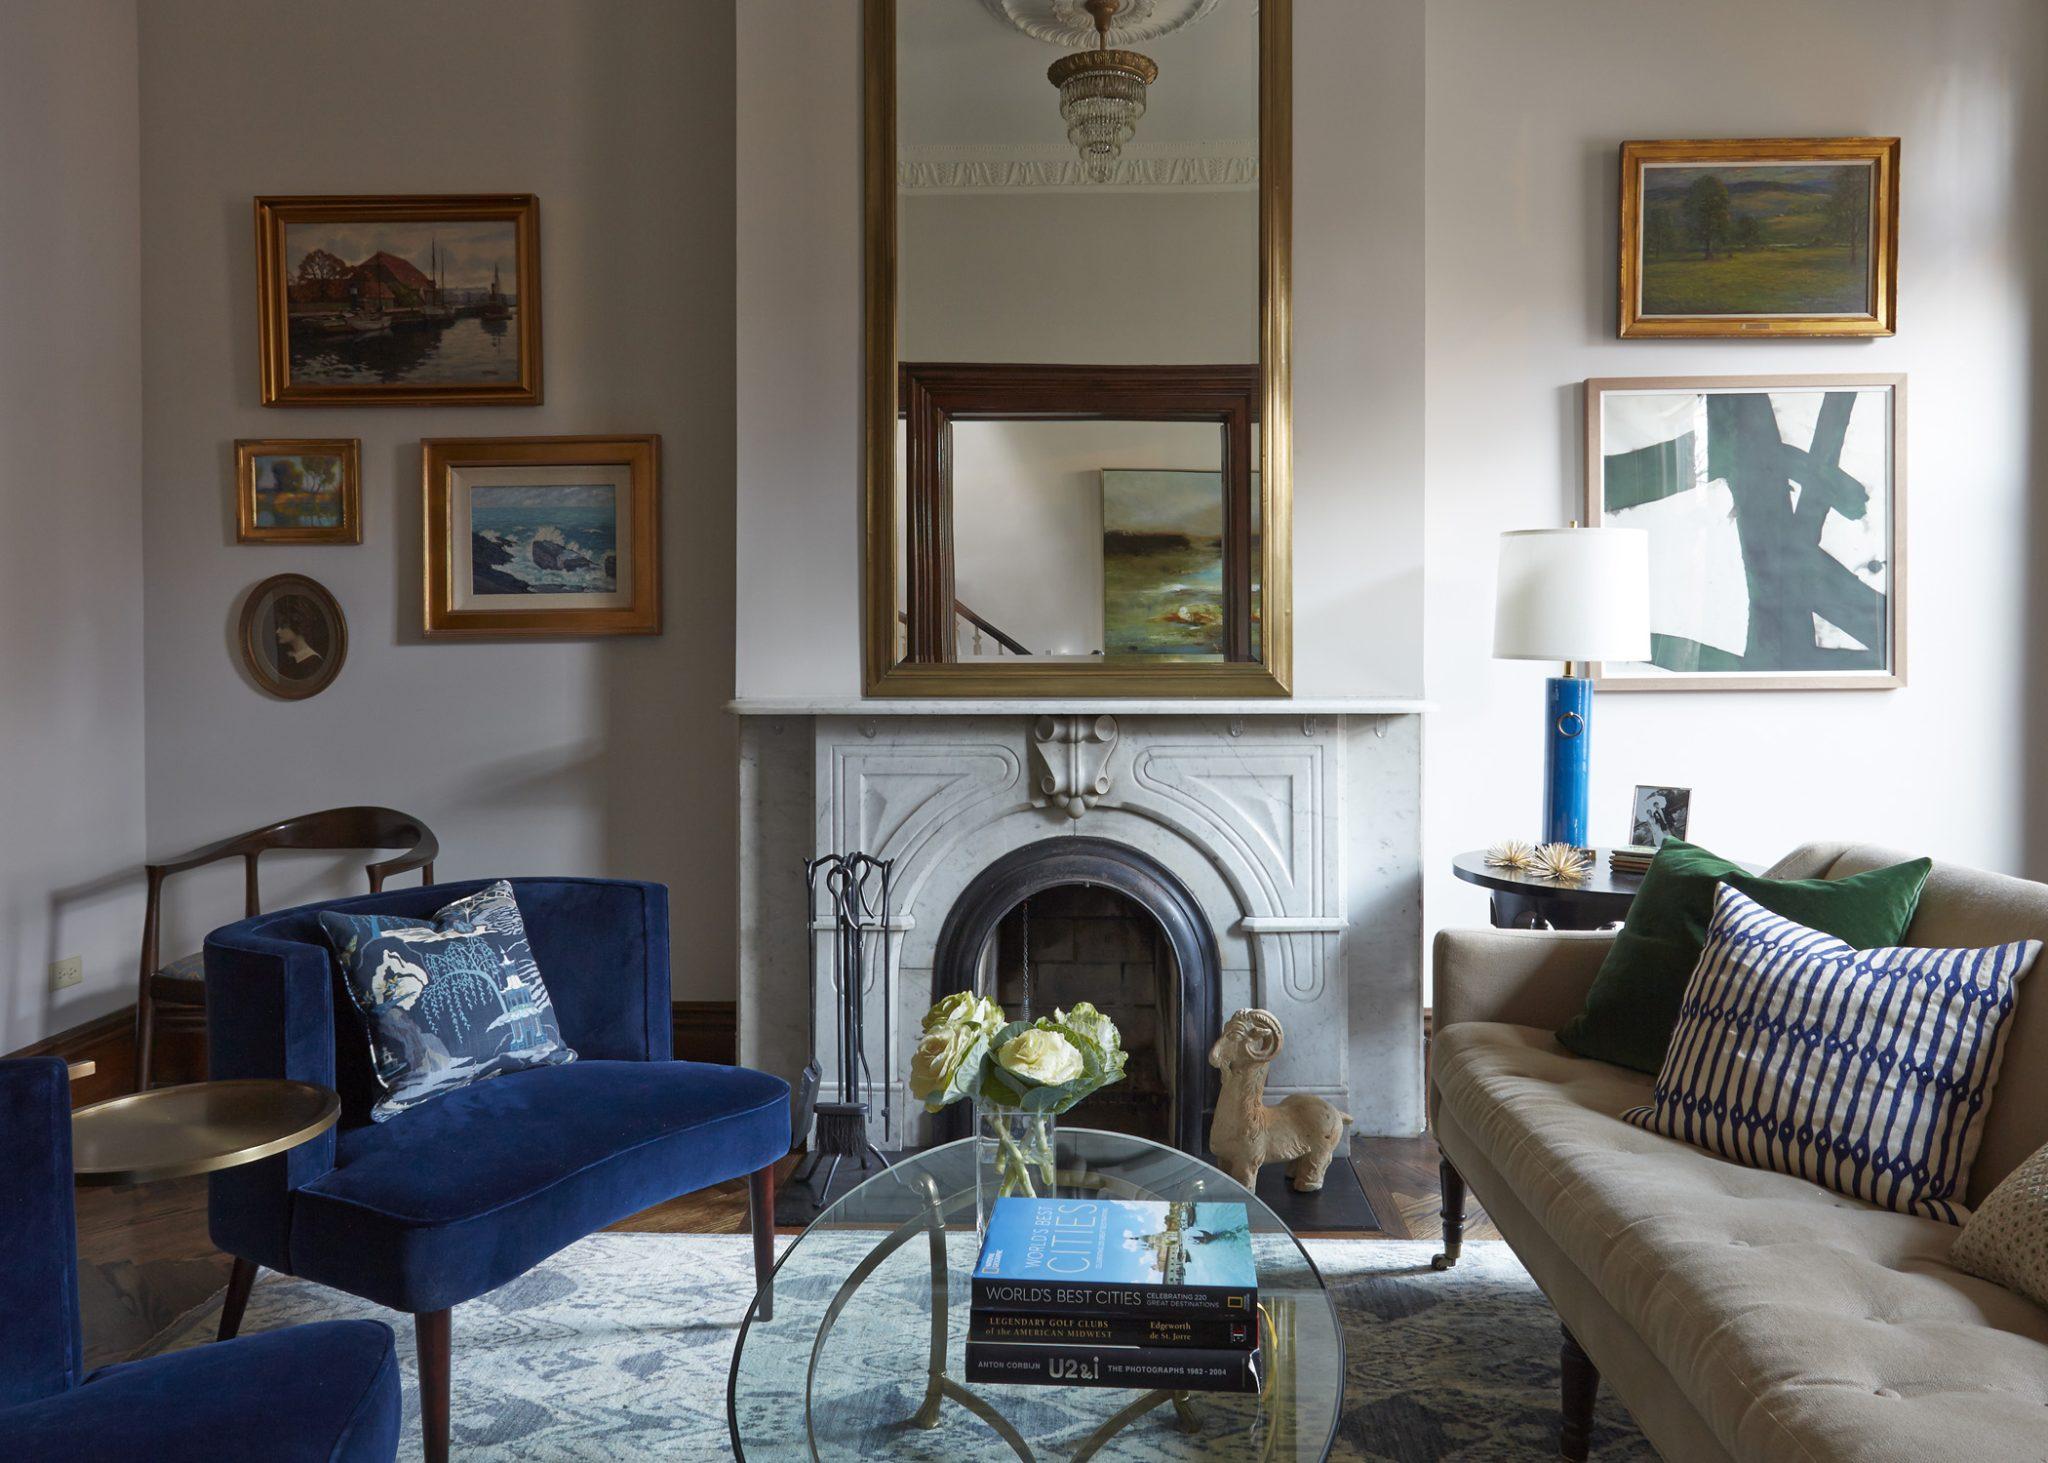 Chicago residenceby KitchenLab Design | Rebekah Zaveloff Interiors